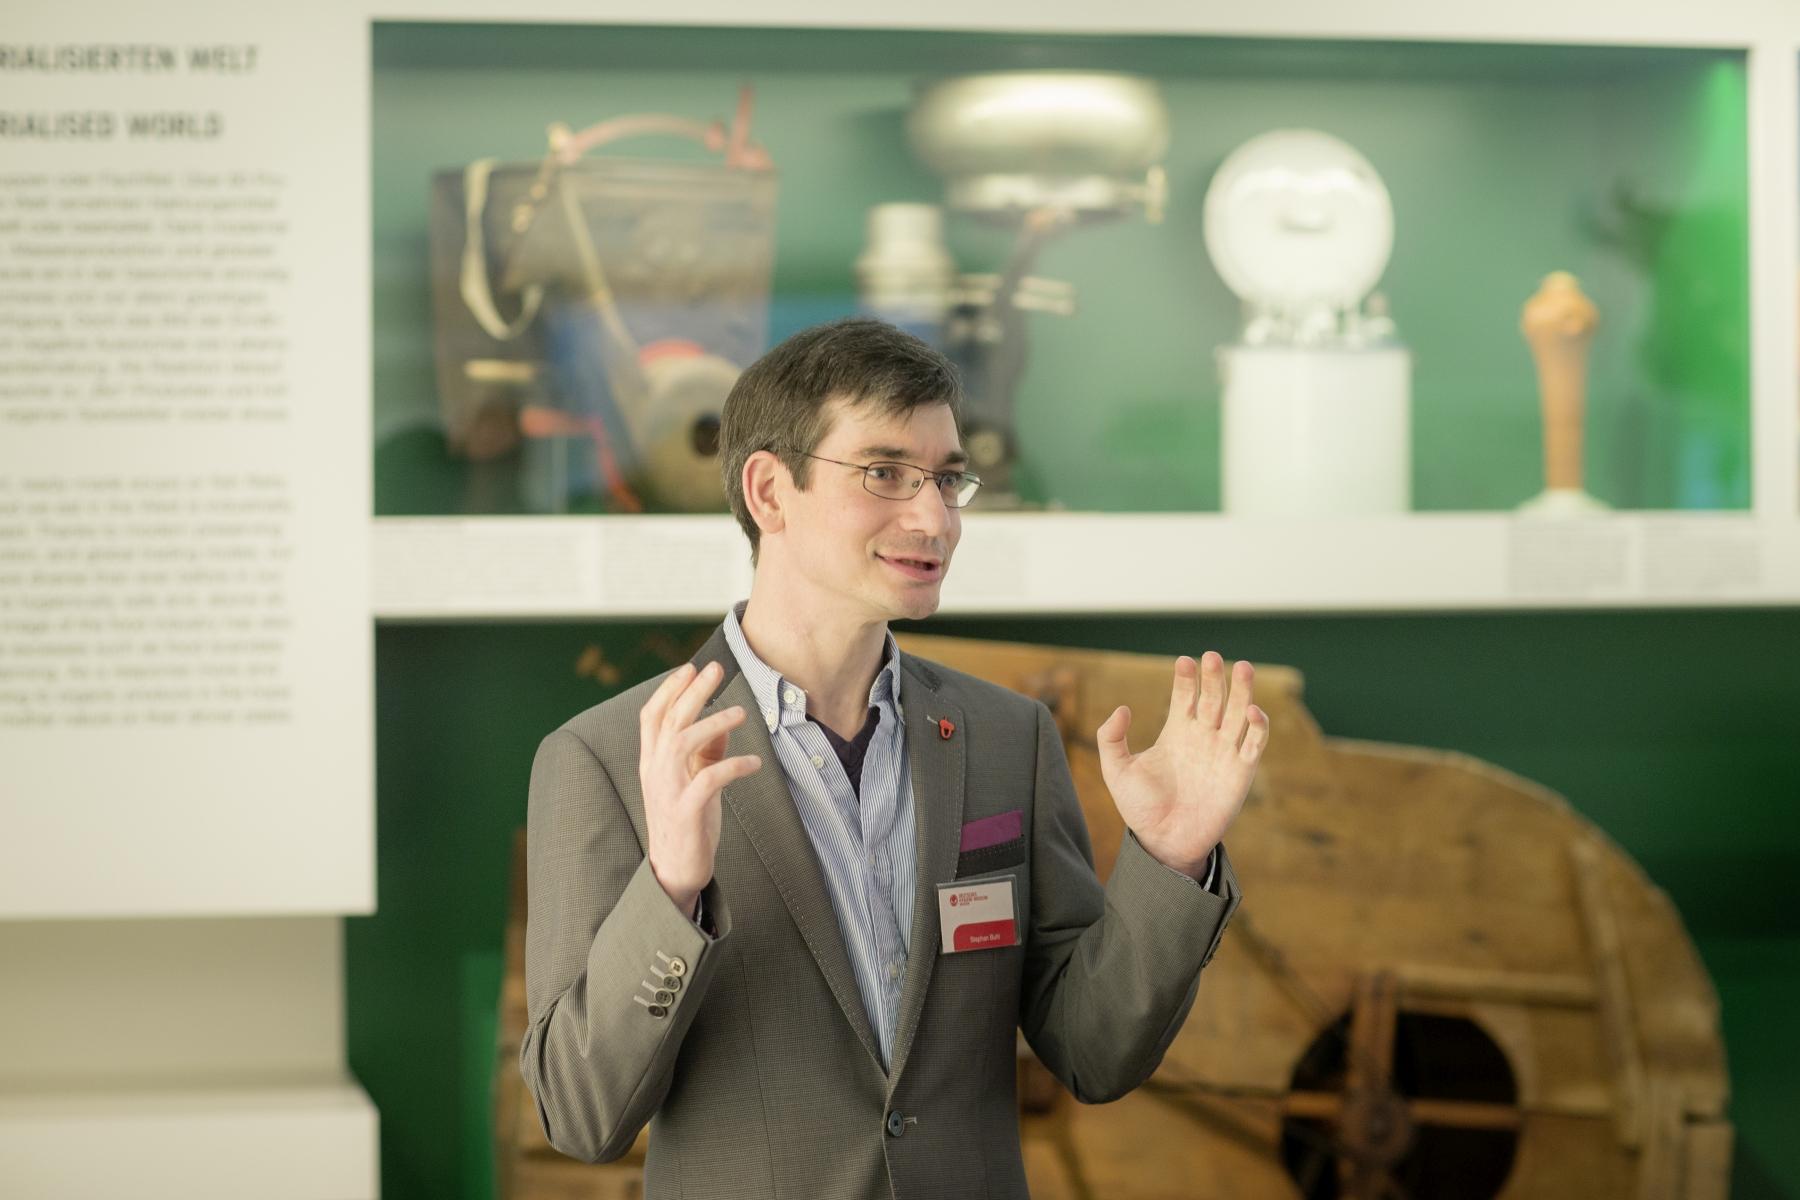 Ein Kulturvernittler steht vor einer Austellungsvitrine. Er spricht mit erhobenen Händen, die offensichtlich das, was er sagt, unterstreichen sollen.